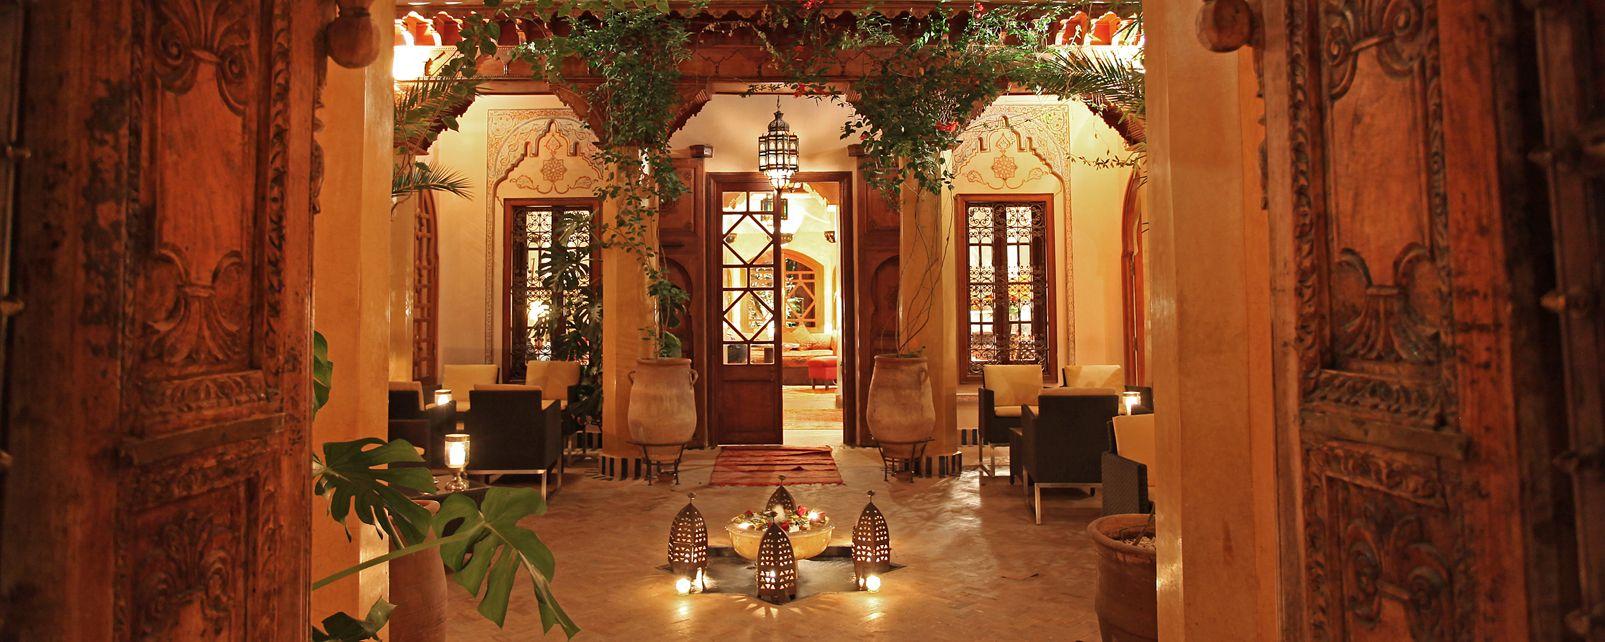 Comparateur Prix Hotel Marrakech